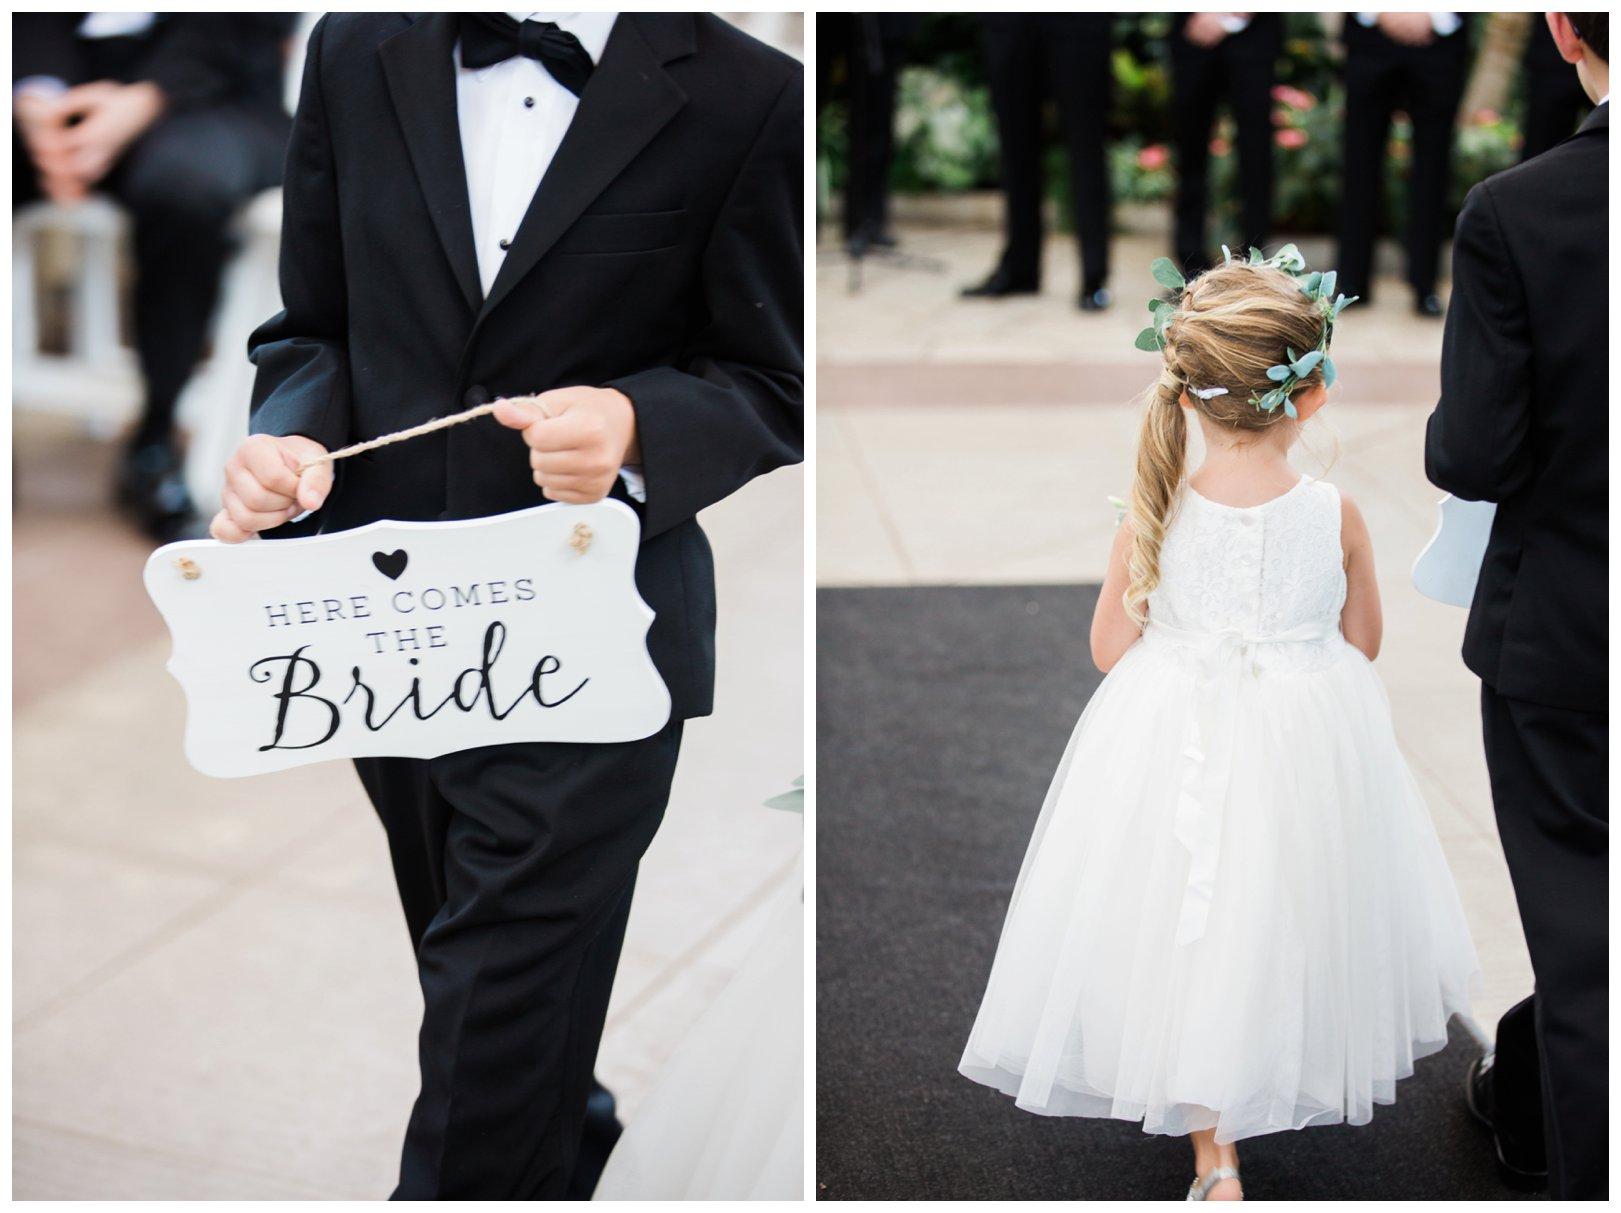 lauren muckler photography_fine art film wedding photography_st louis_photography_1298.jpg